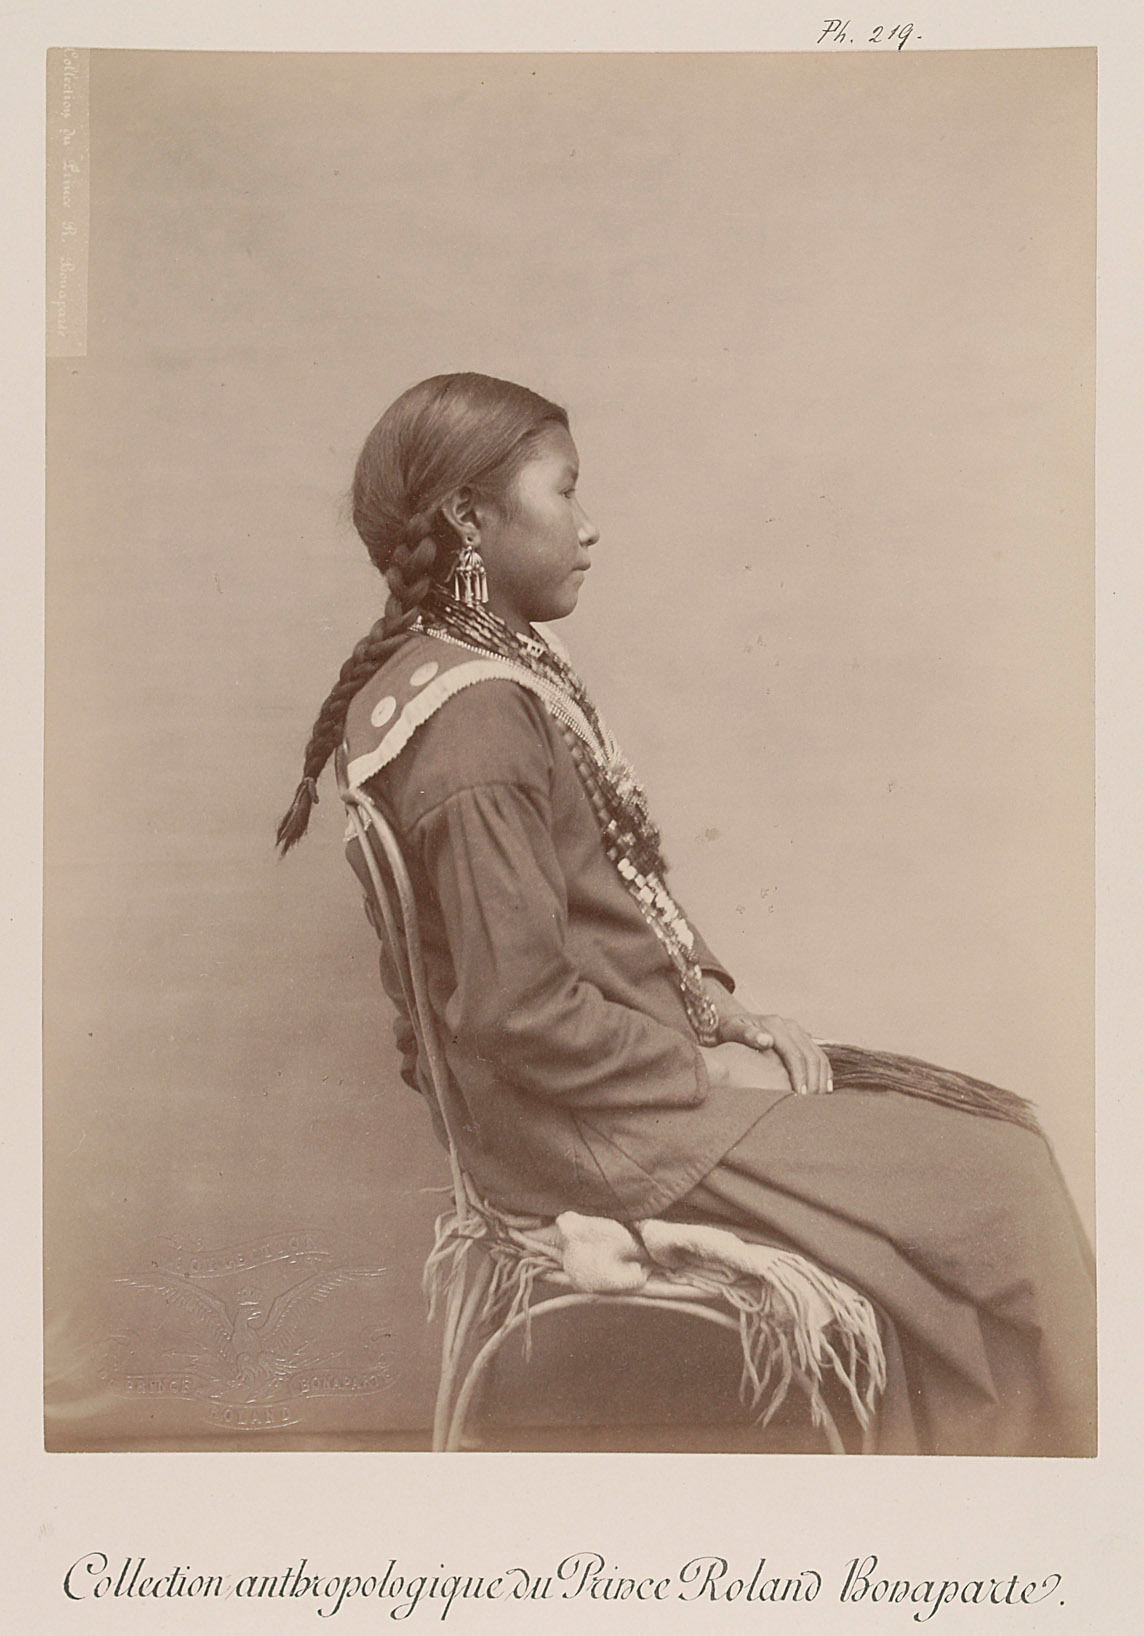 Lune dure - Mik Tekhé, junges Mädchen, Profilansicht von Prinz Roland Napoléon Bonaparte